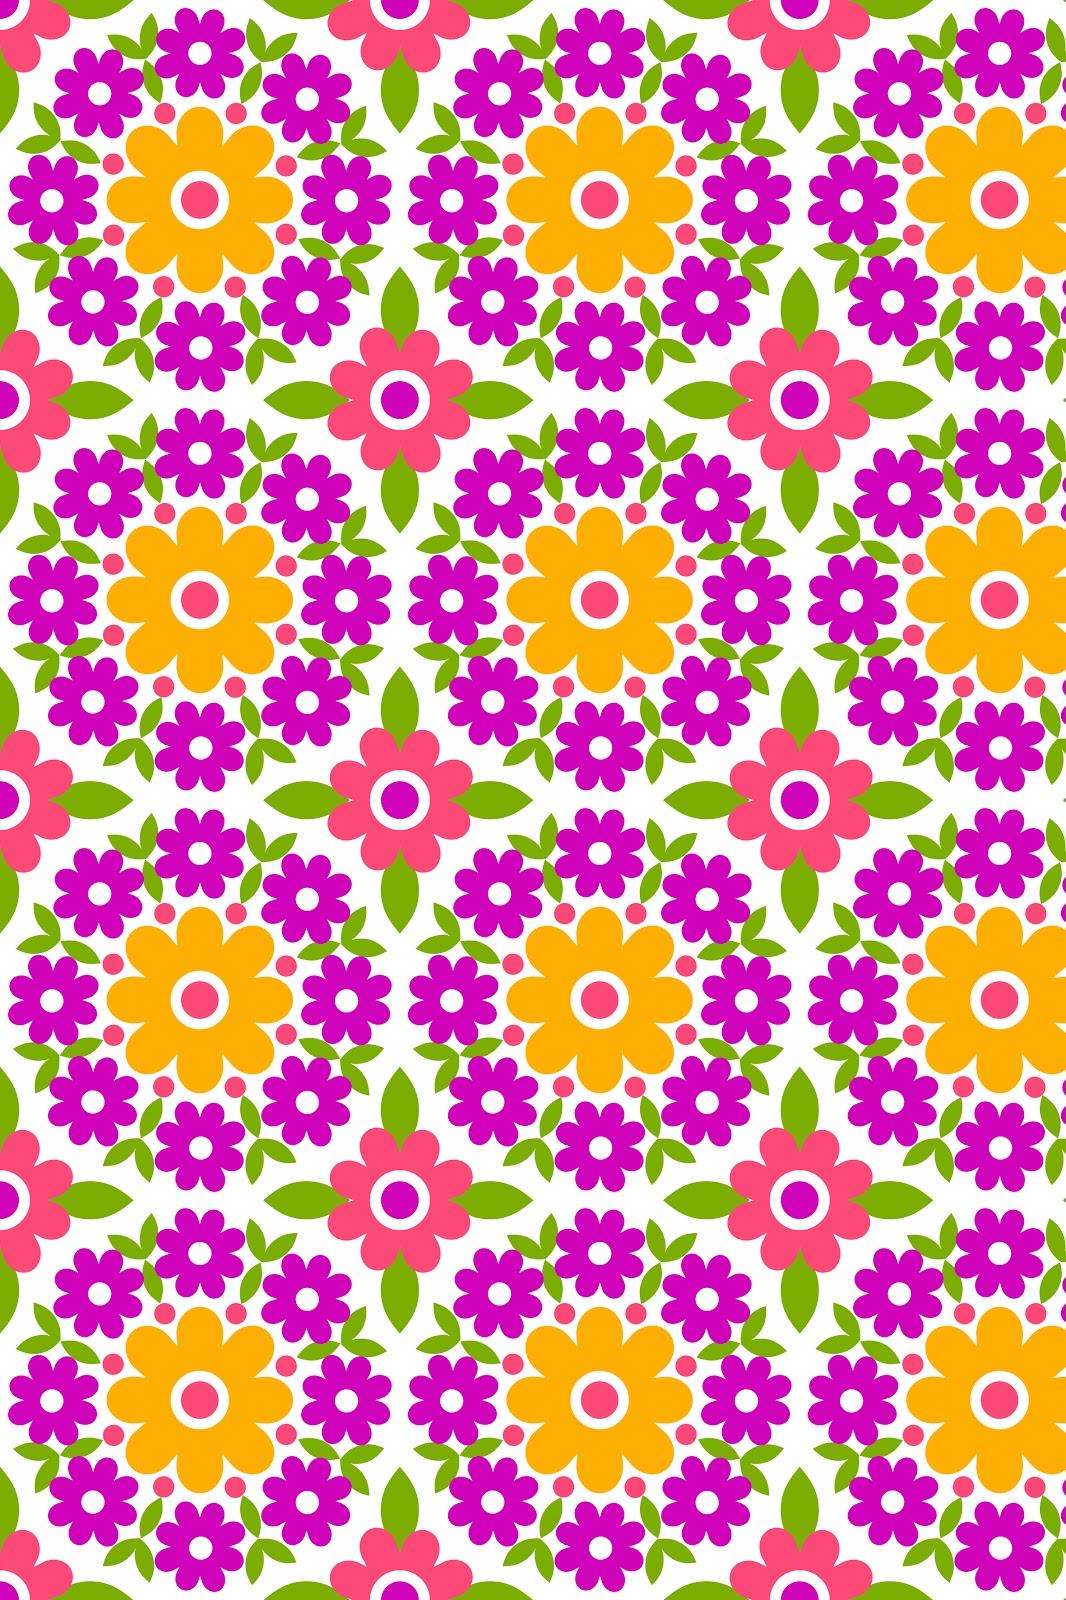 Apple Wallpaper Pattern